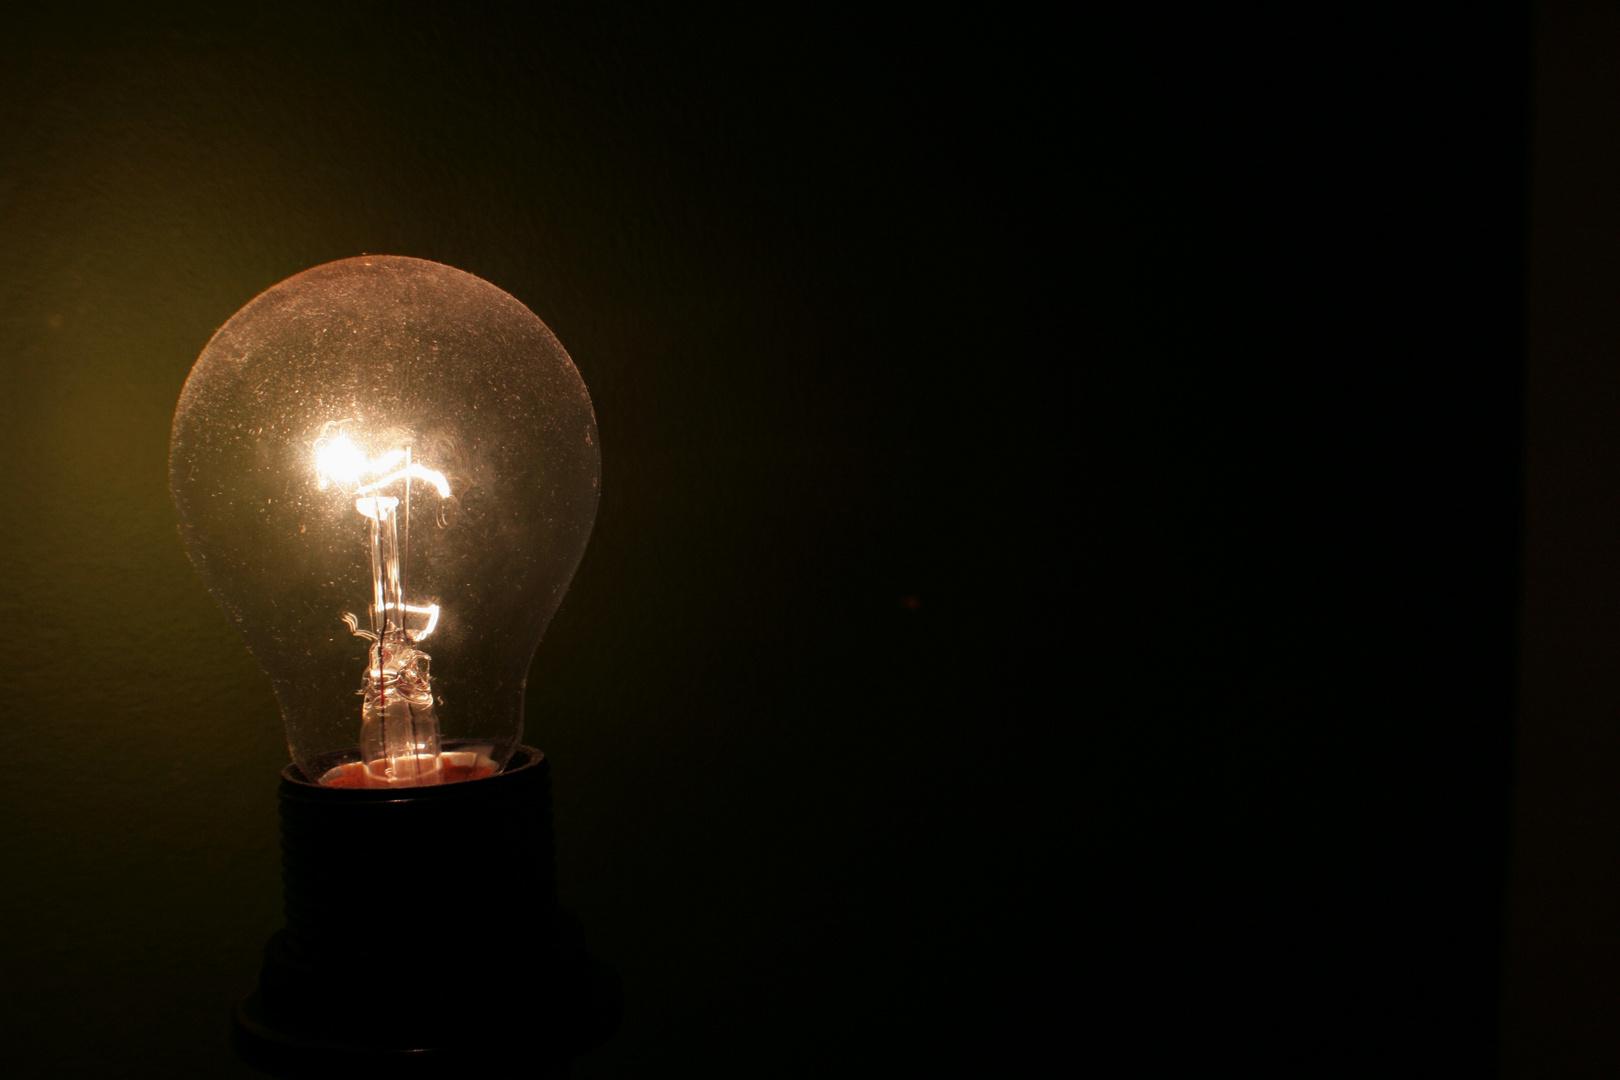 la lamparita